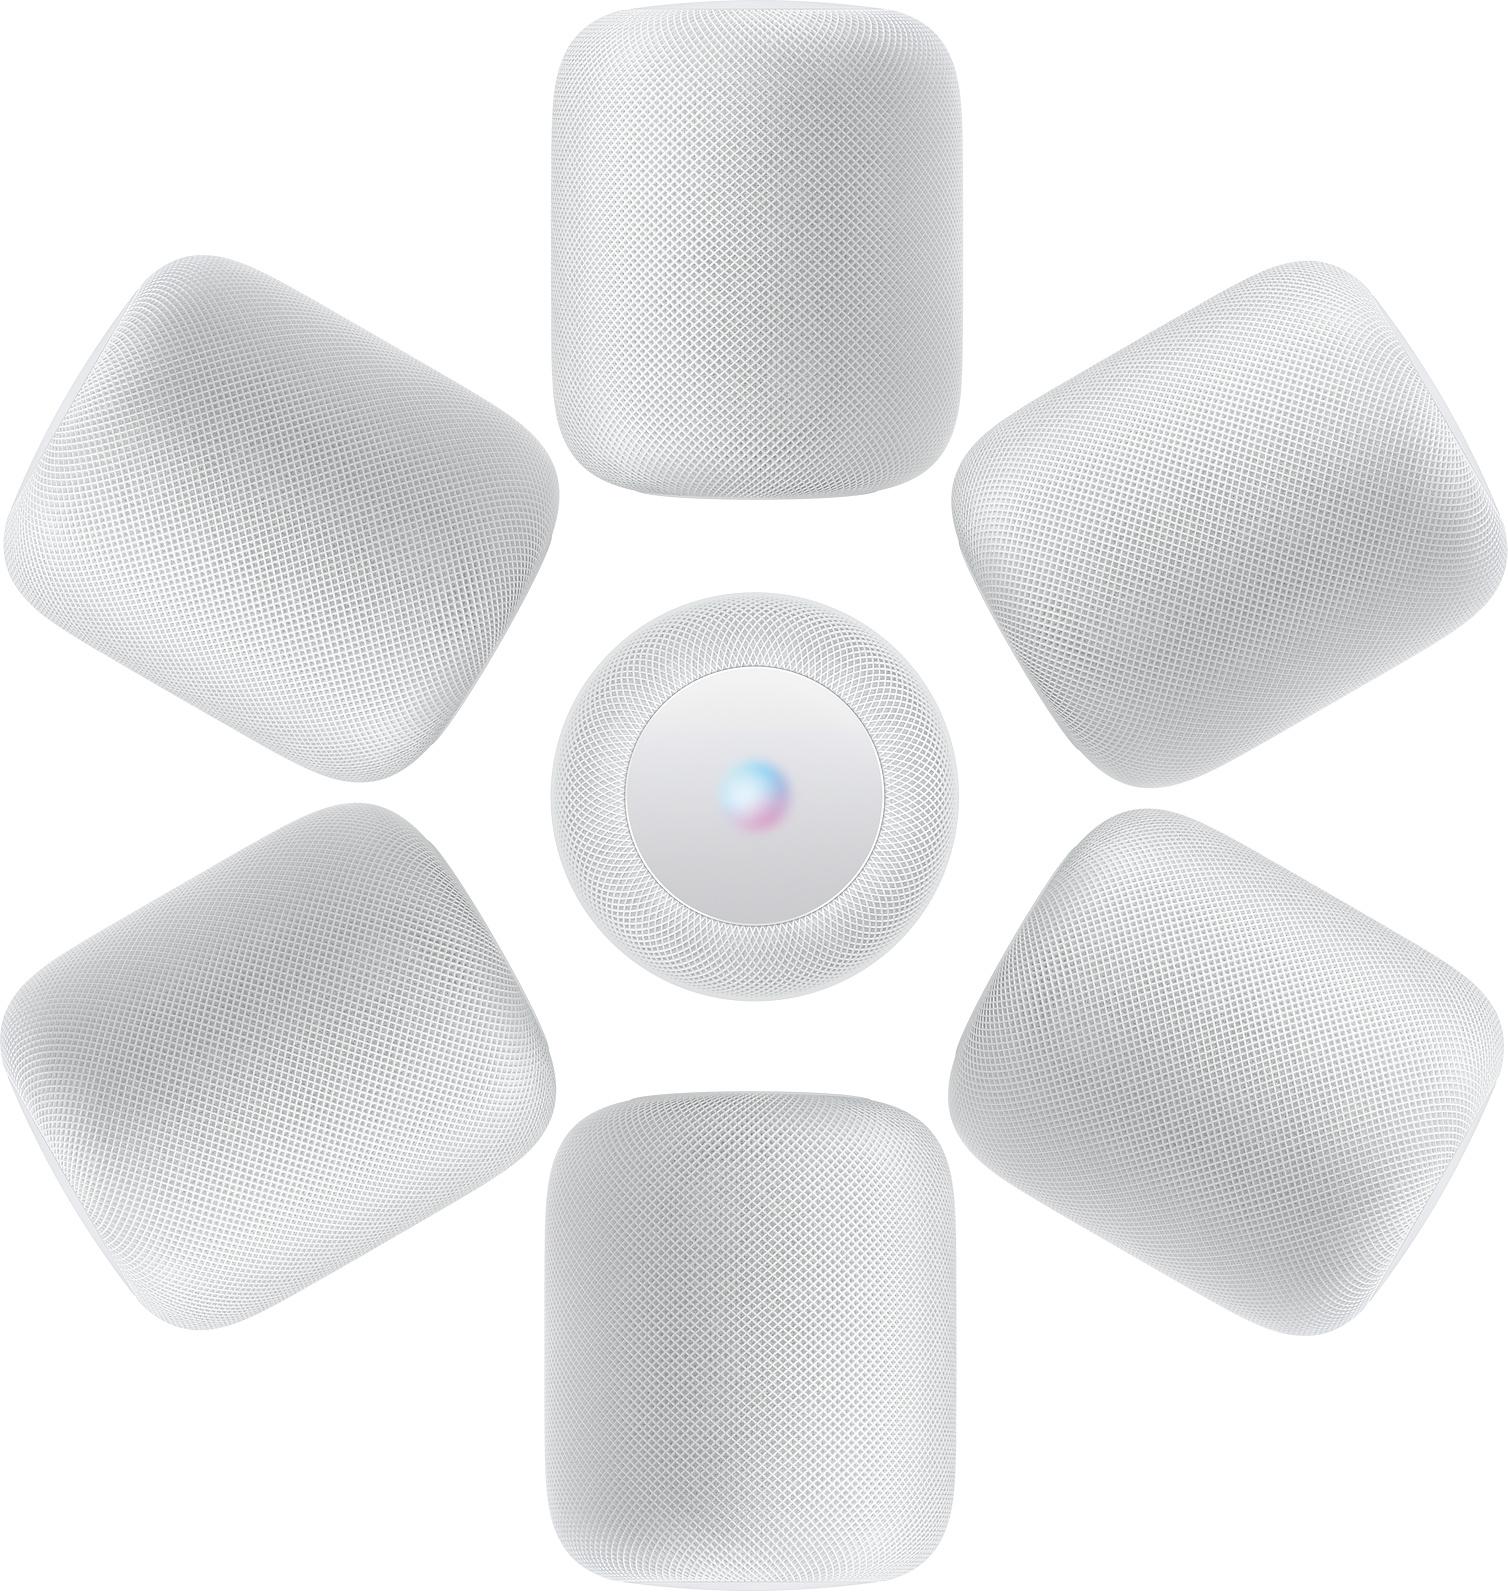 Apple    harkitse kolmansien osapuolien musiikkisovellusten, kuten Spotify ja Pandora, sallimista HomePodilla 2